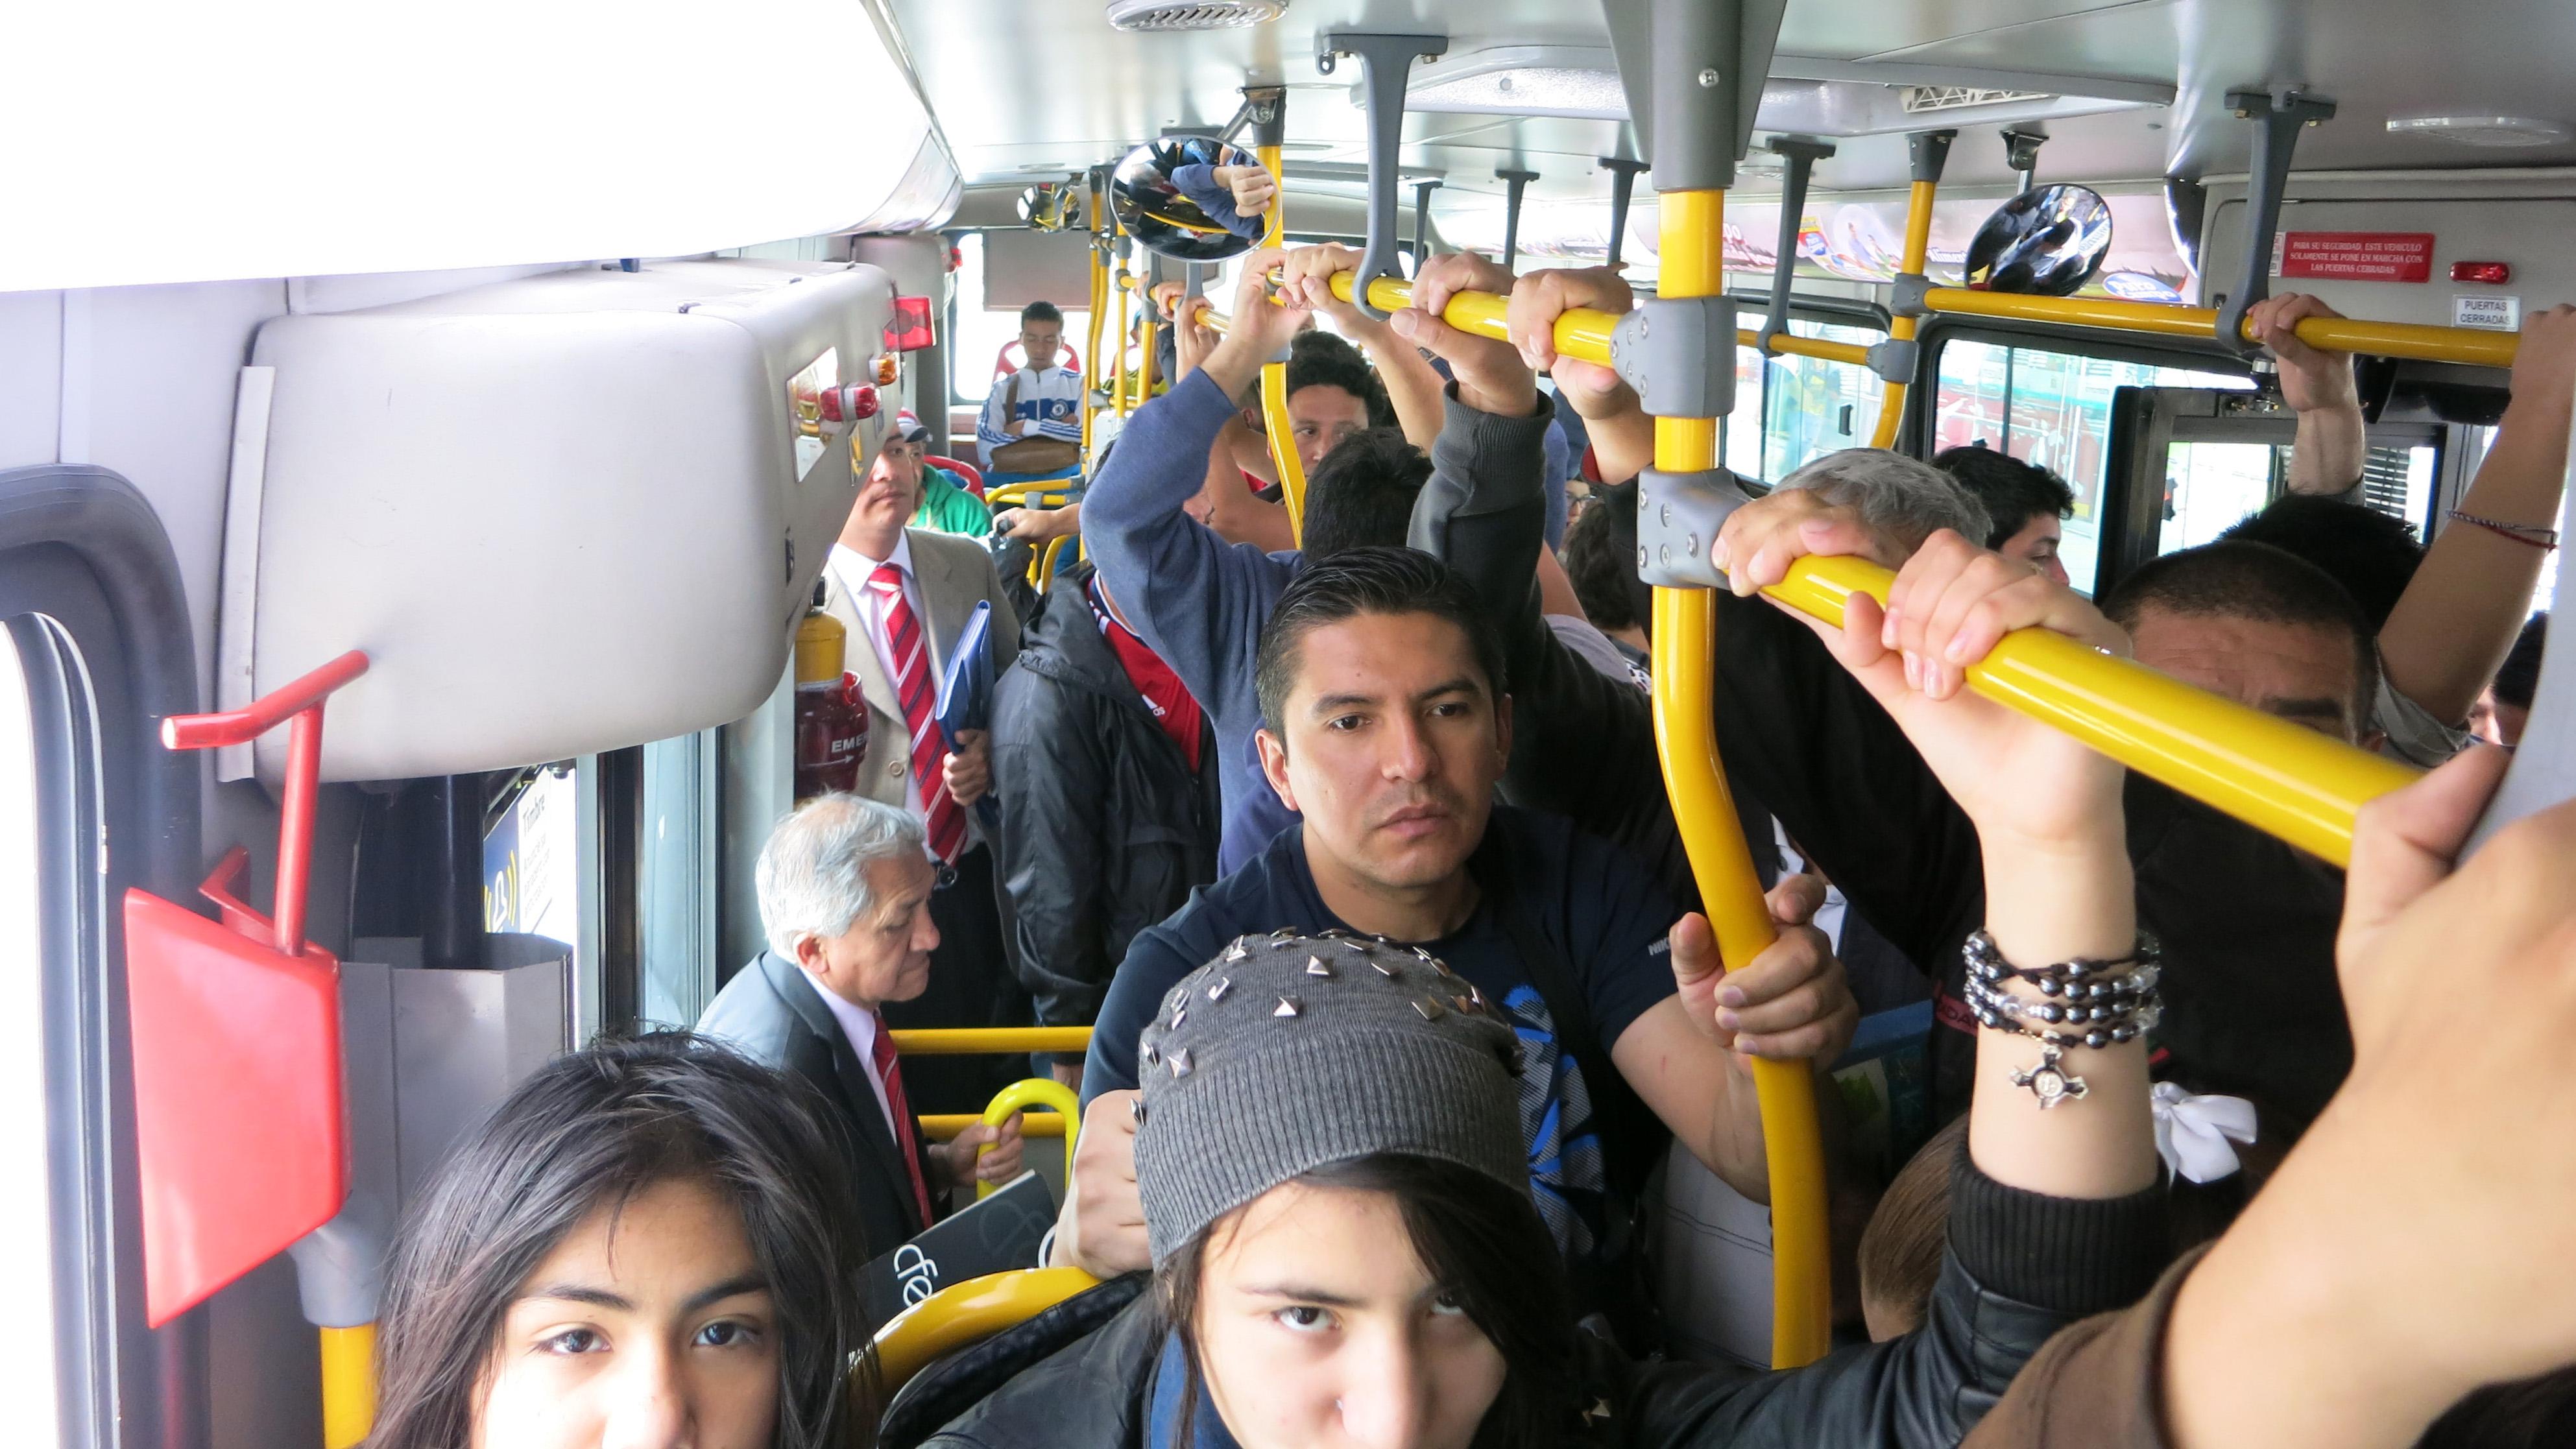 kak-avtobuse-pristayut-devushkam